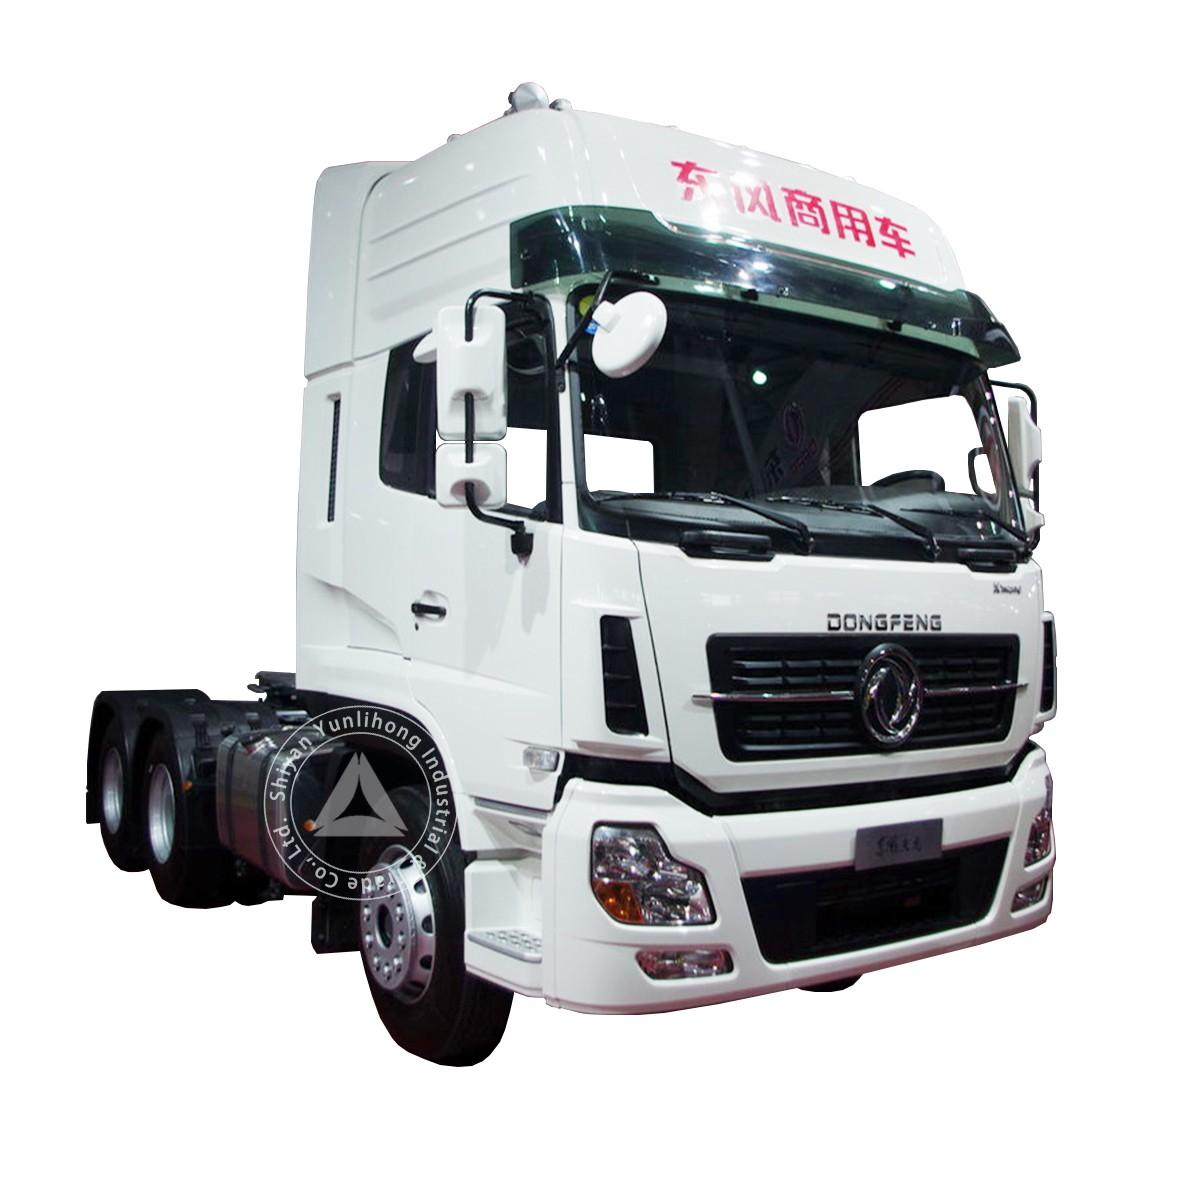 केएल 350hp 6x4 पेट्रोलियम और रासायनिक परिवहन ट्रैक्टर